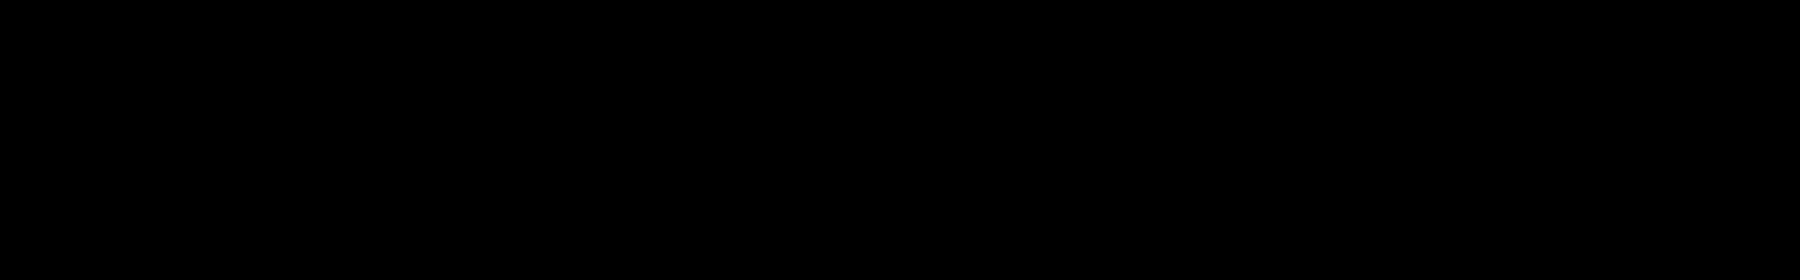 Stun4x audio waveform